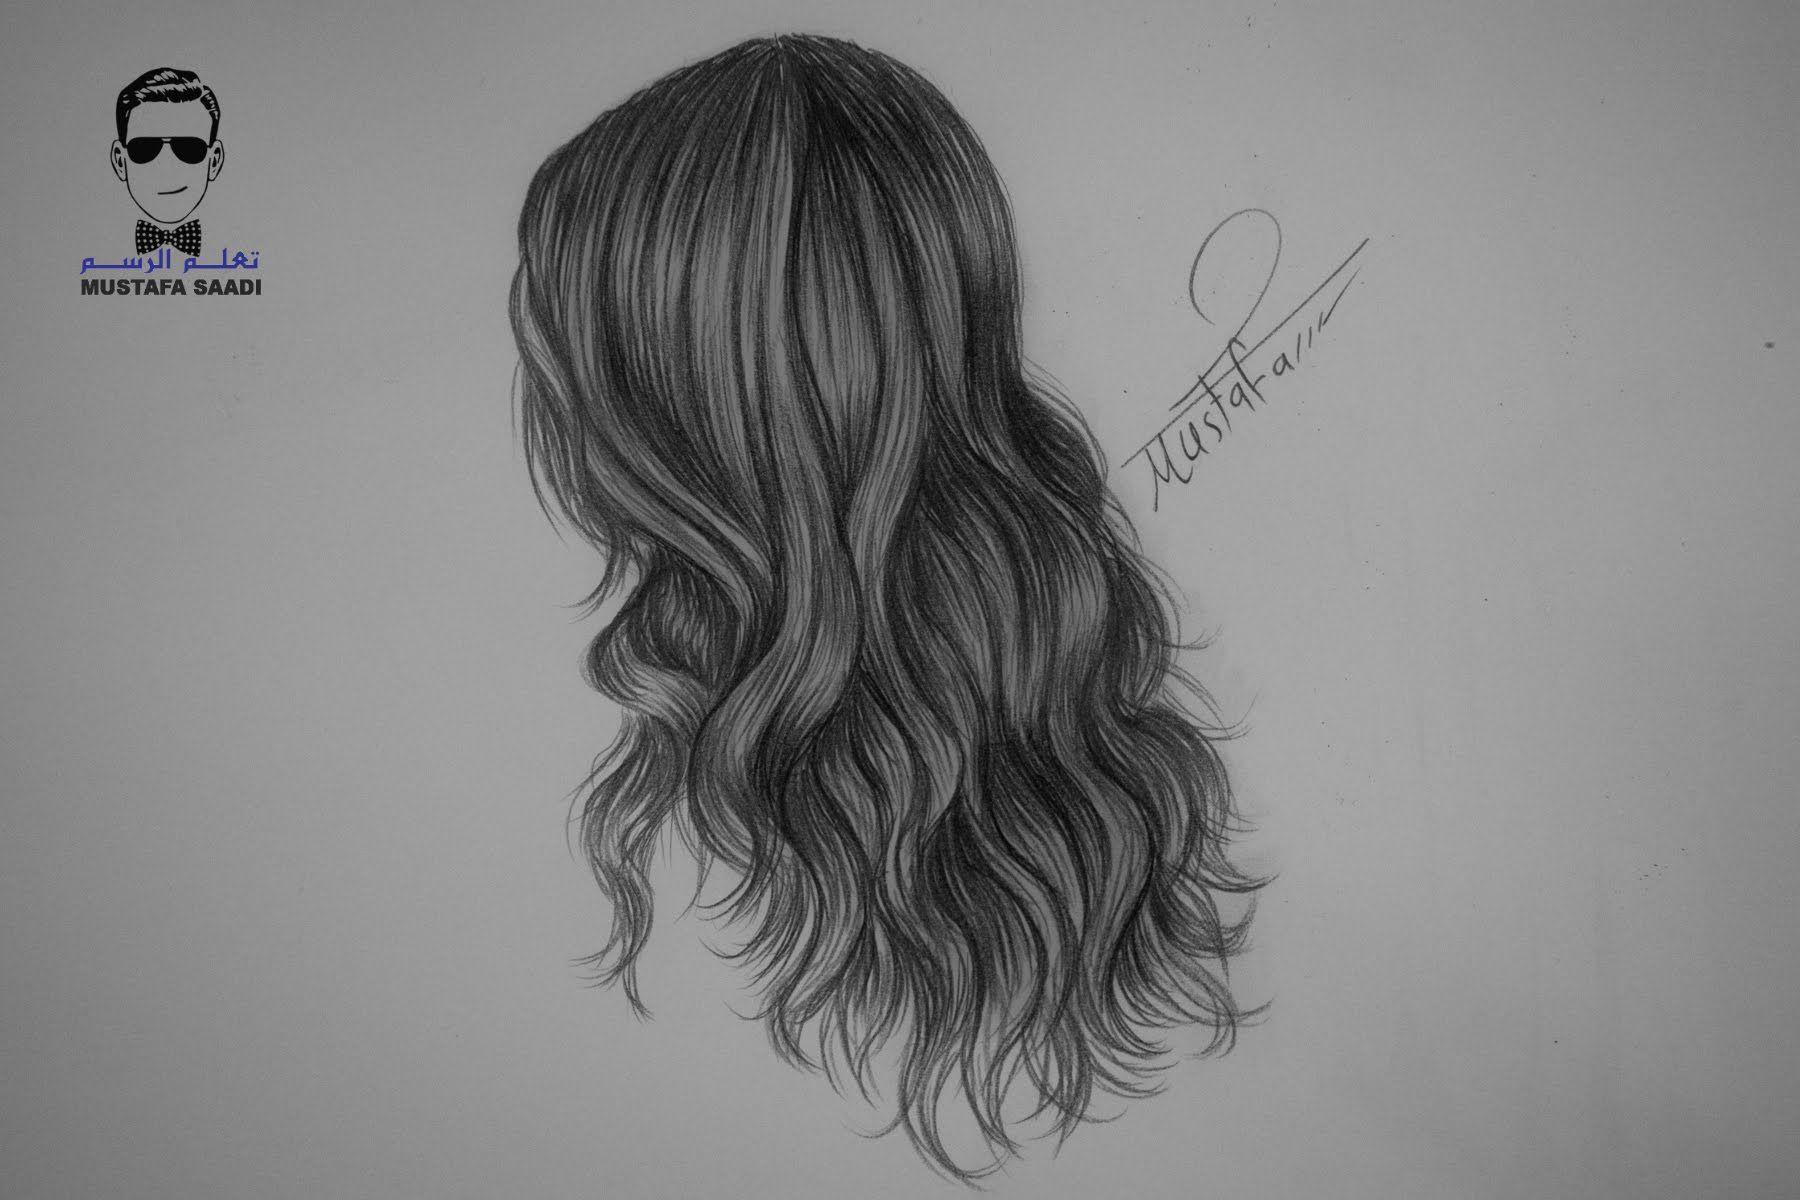 نتيجة بحث الصور عن رسومات شعر بنات بالرصاص How To Draw Hair Step By Step Hairstyles Short Hair Styles For Round Faces